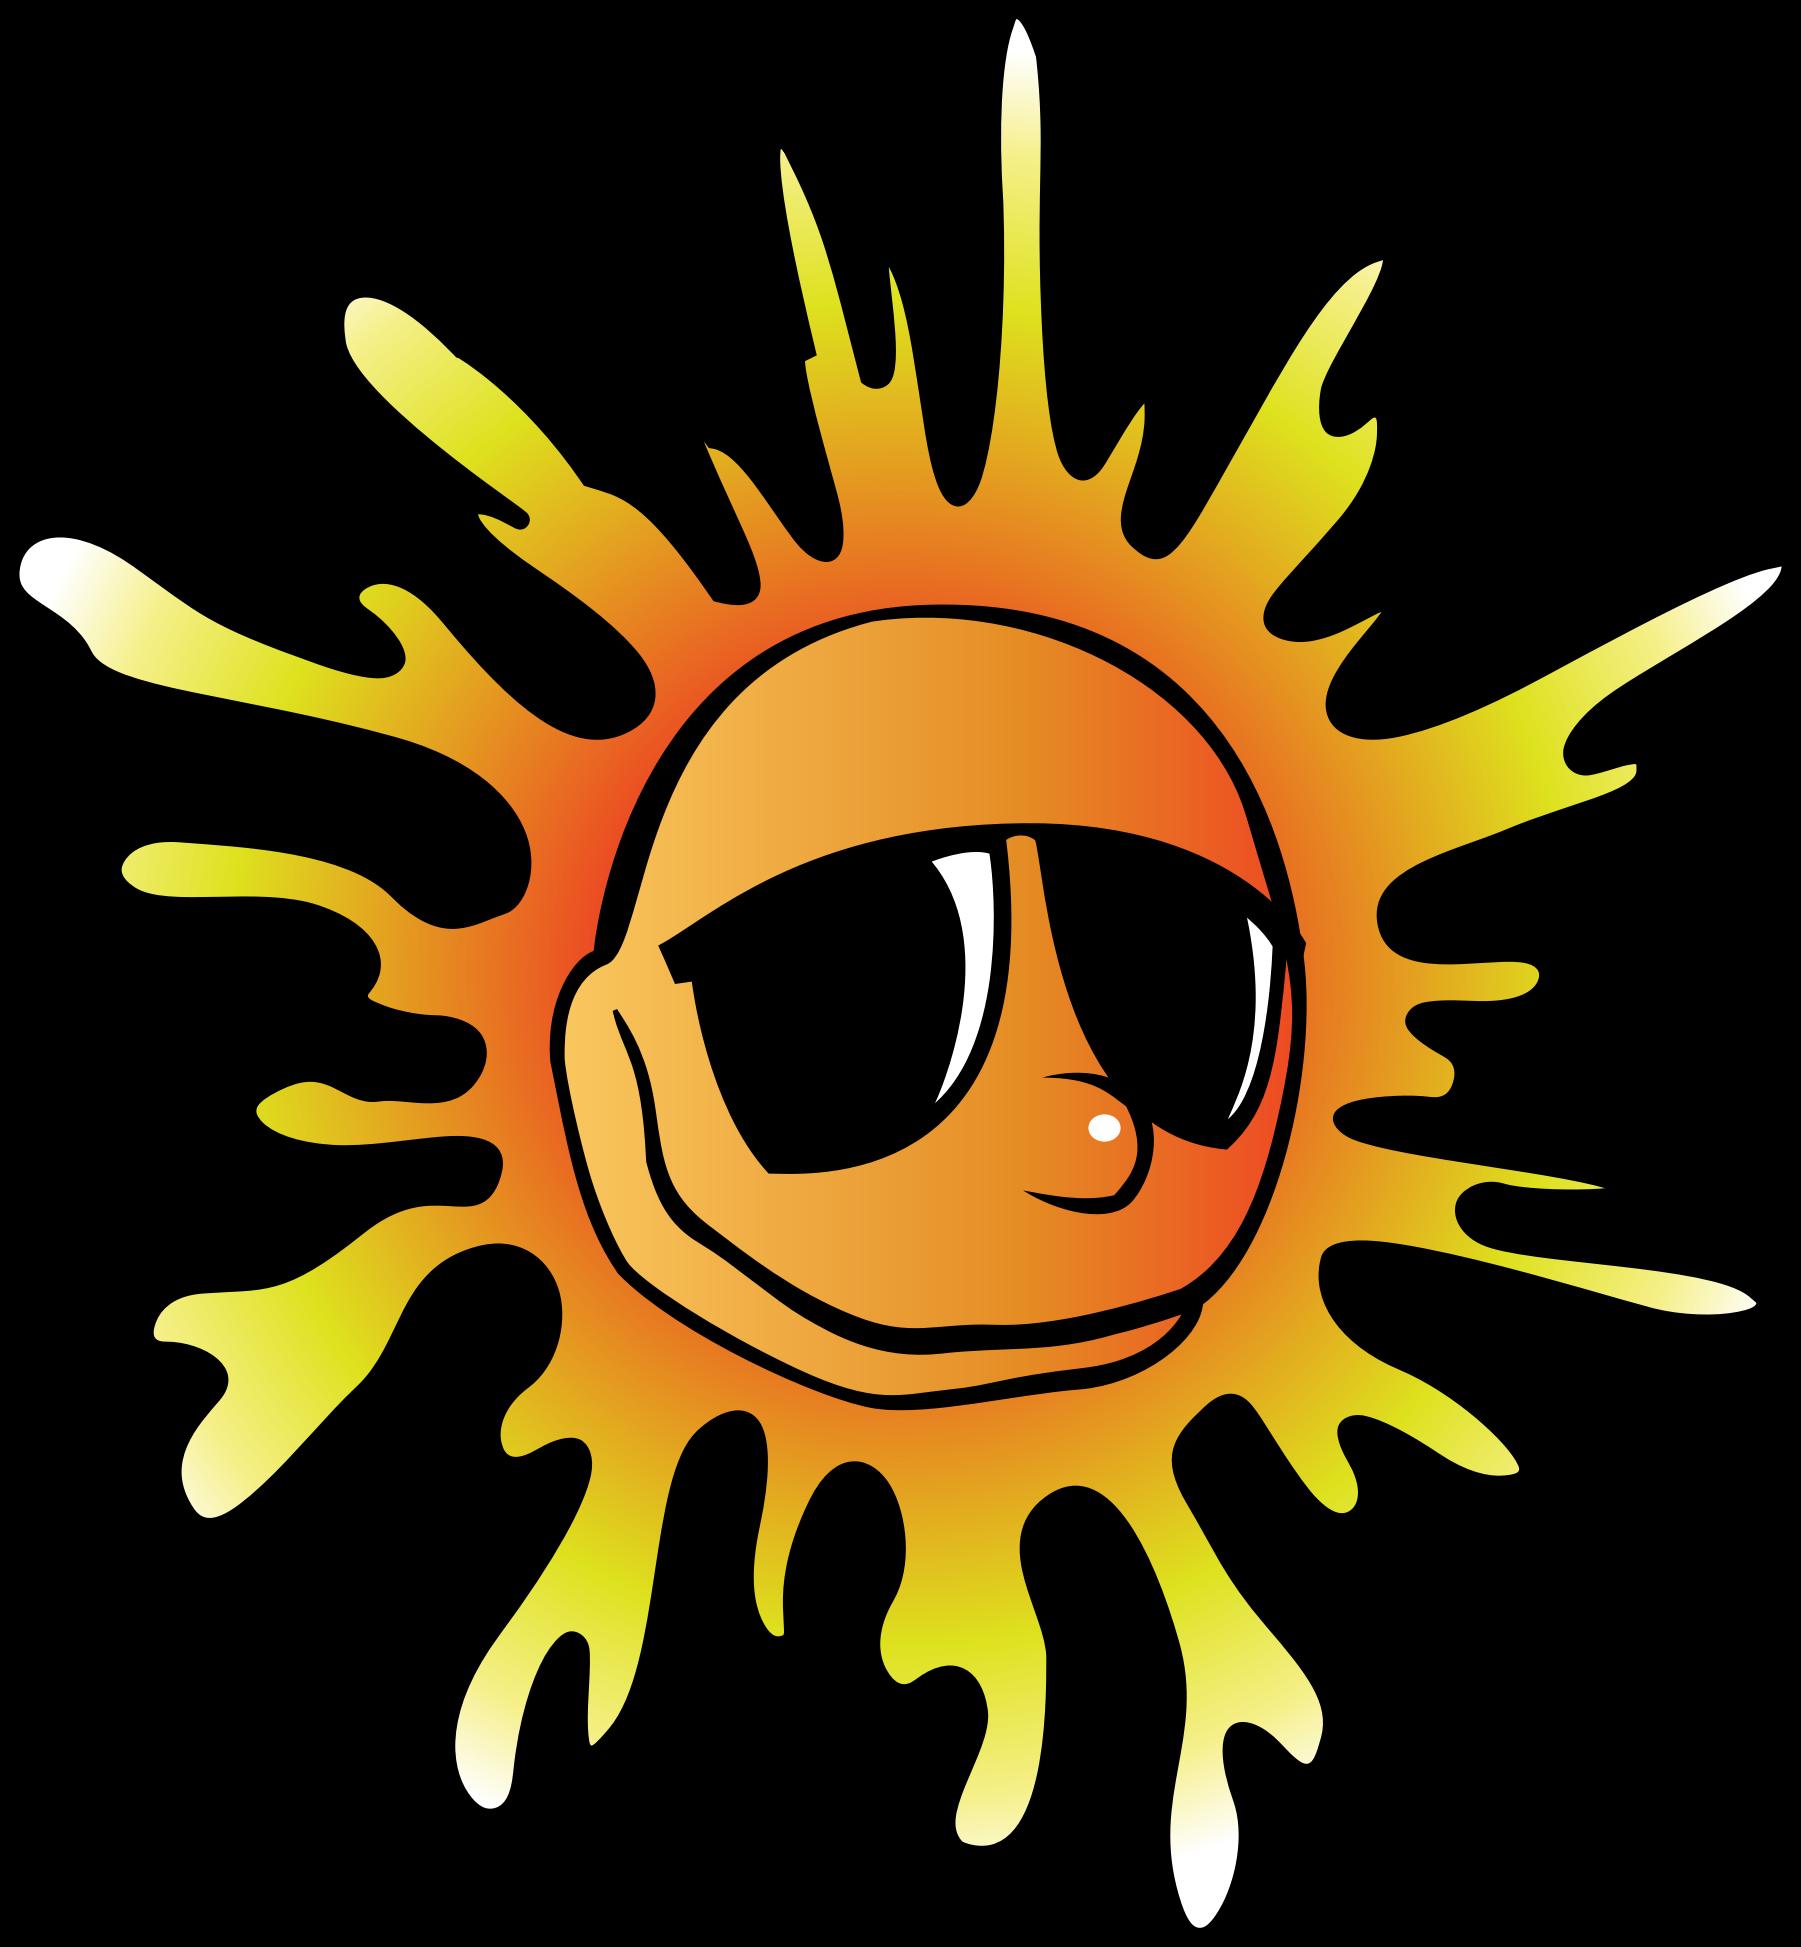 Summer big image png. Sunglasses clipart cartoon